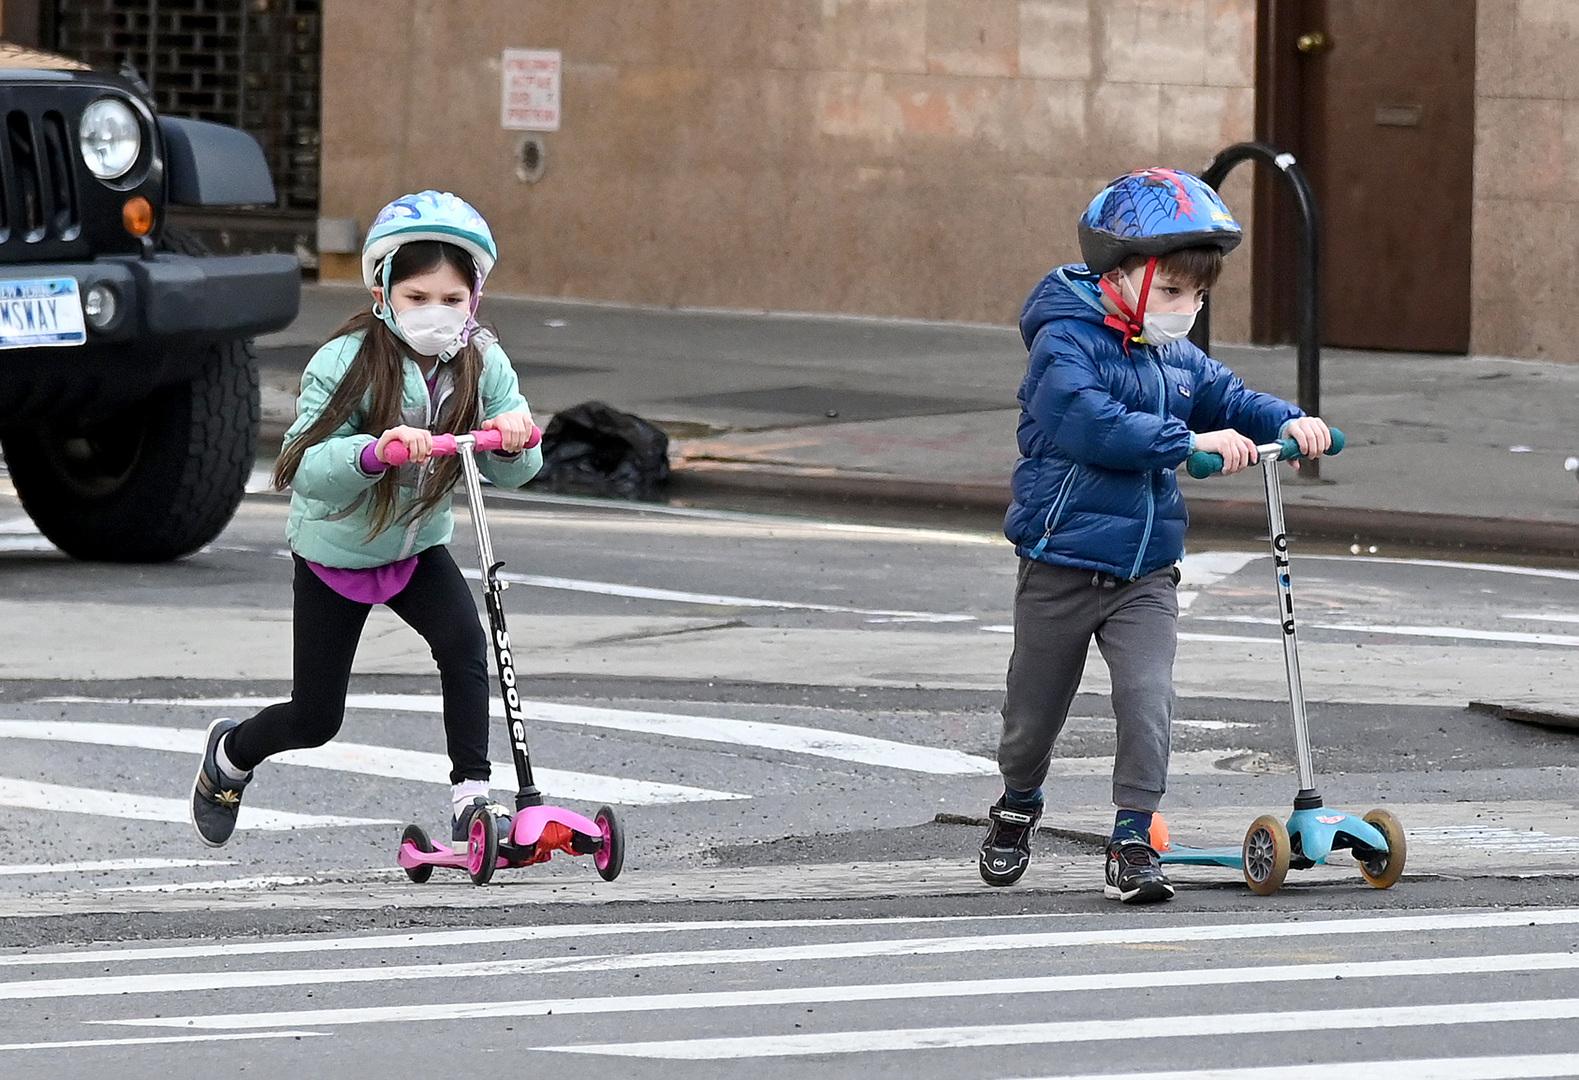 تقرير: أكثر من 200 حالة لمتلازمة خطيرة لدى الأطفال في الولايات المتحدة